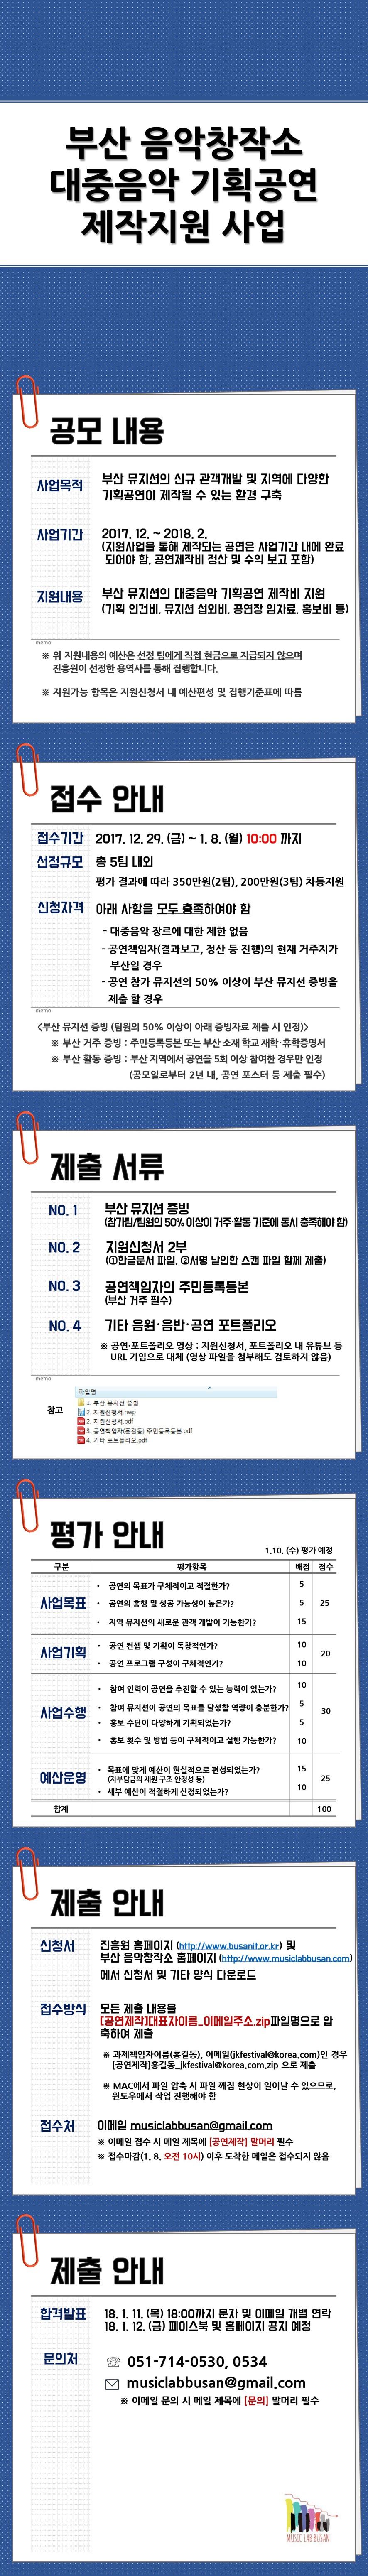 [부산음악창작소-모집] 부산 음악창작소 대중음악 기획공연 제작지원 사업 공고